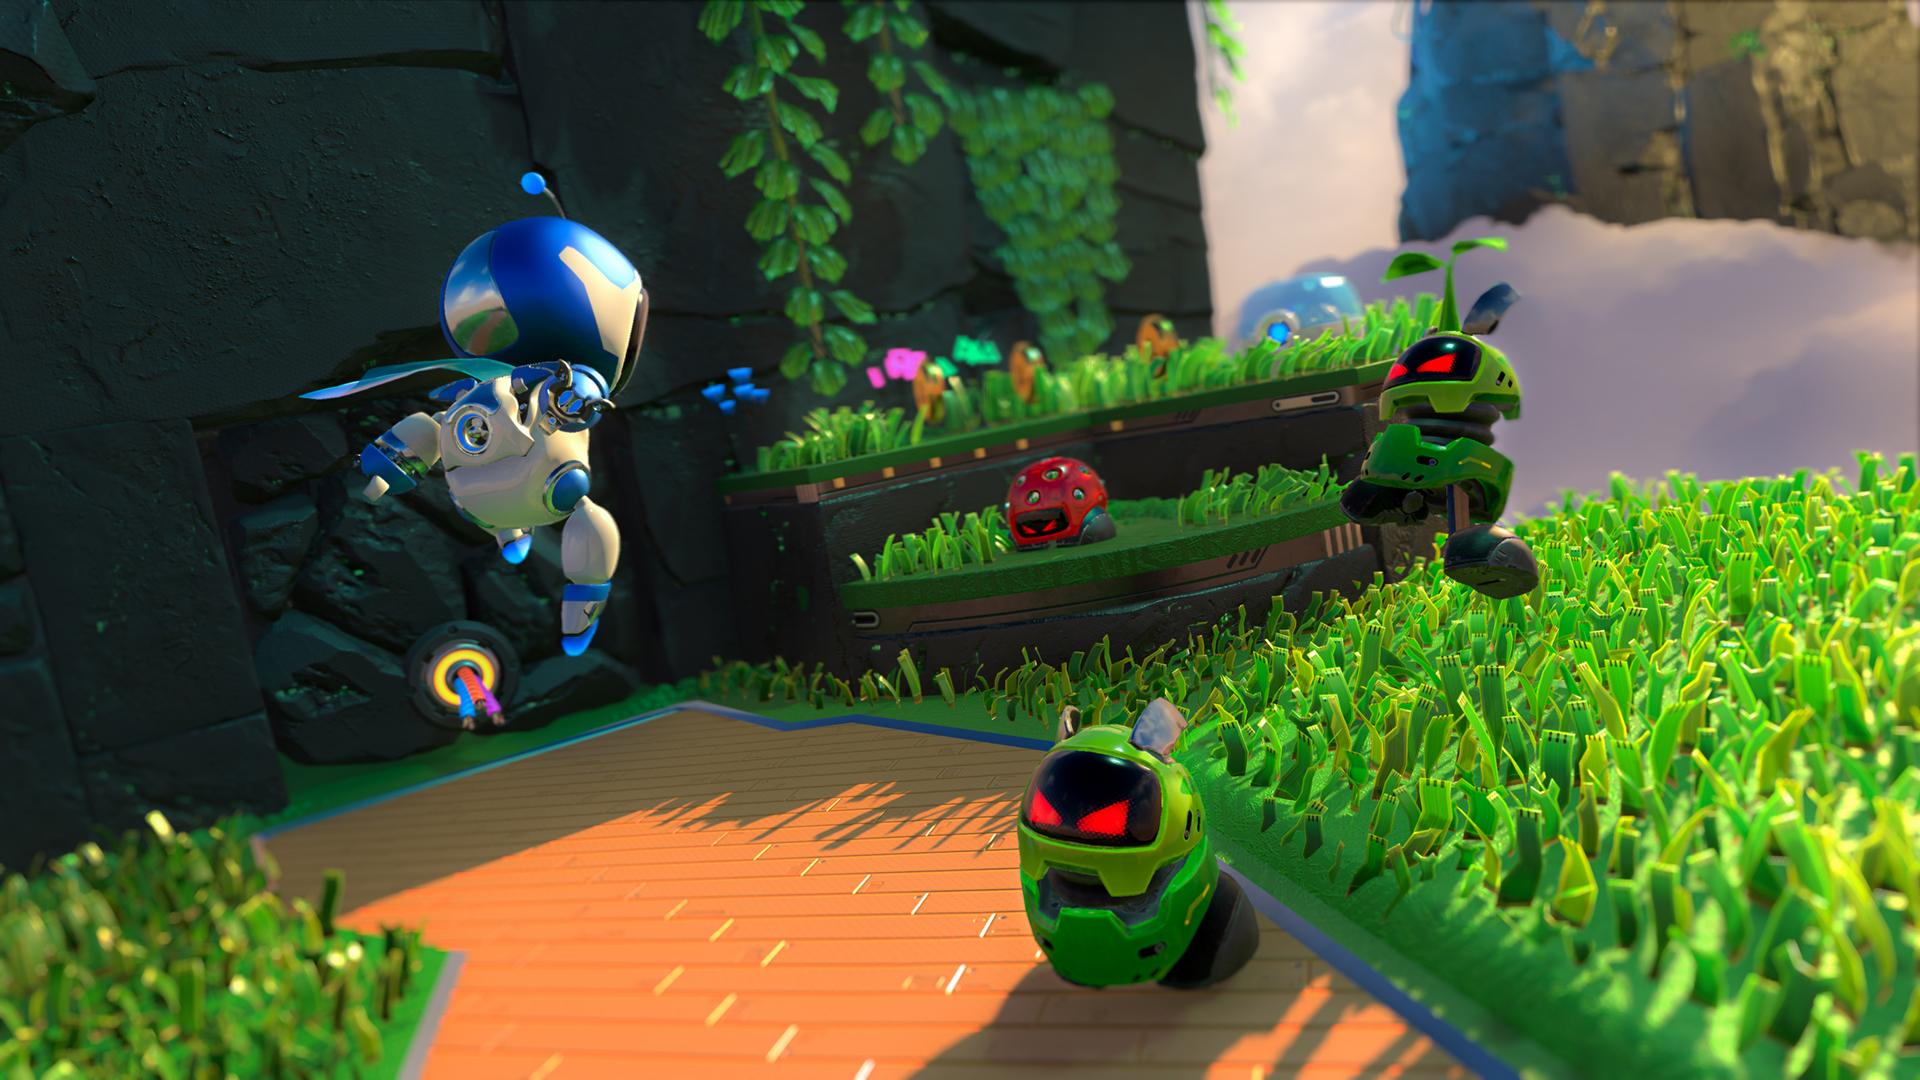 Astros-Playroom_2020_06-11-20_003